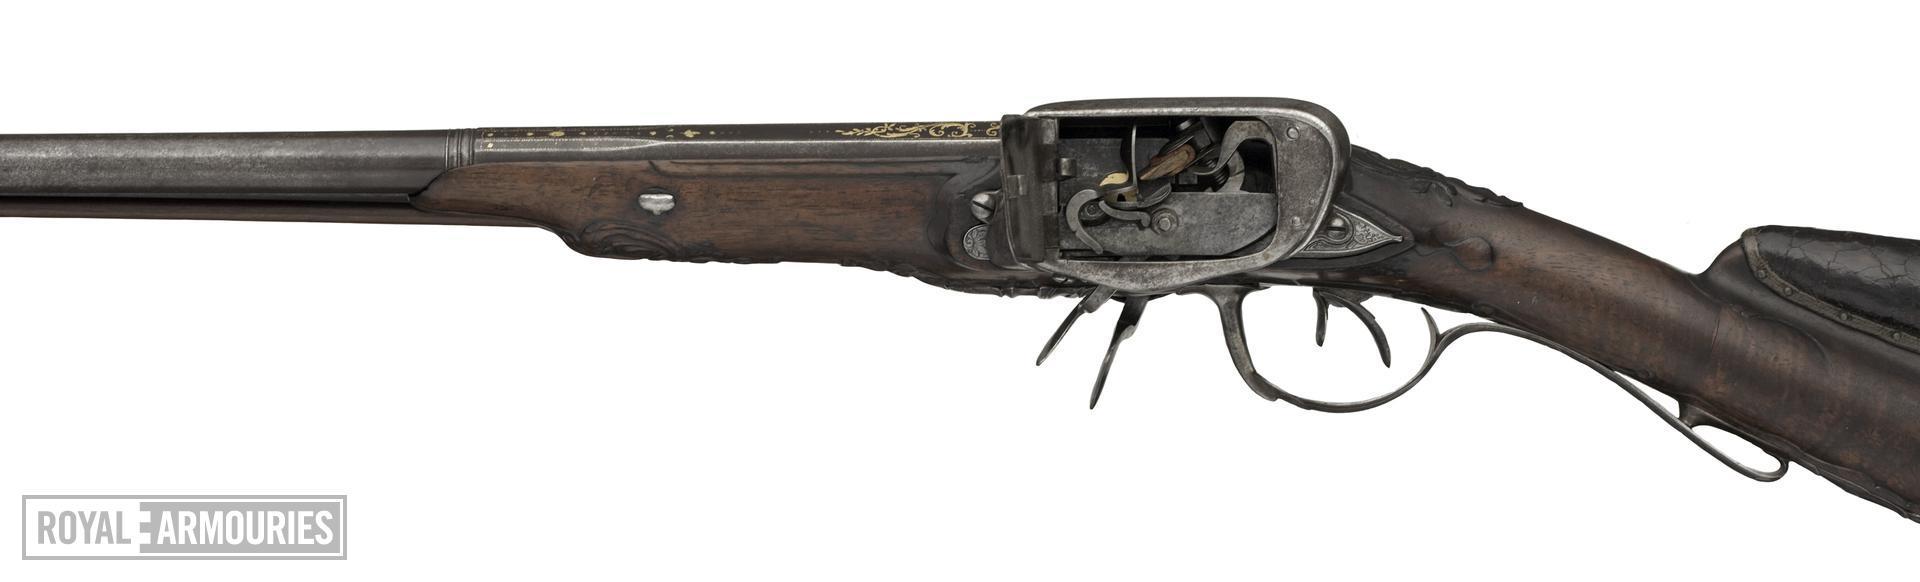 Flintlock double-barrelled gun - By Bouilliet